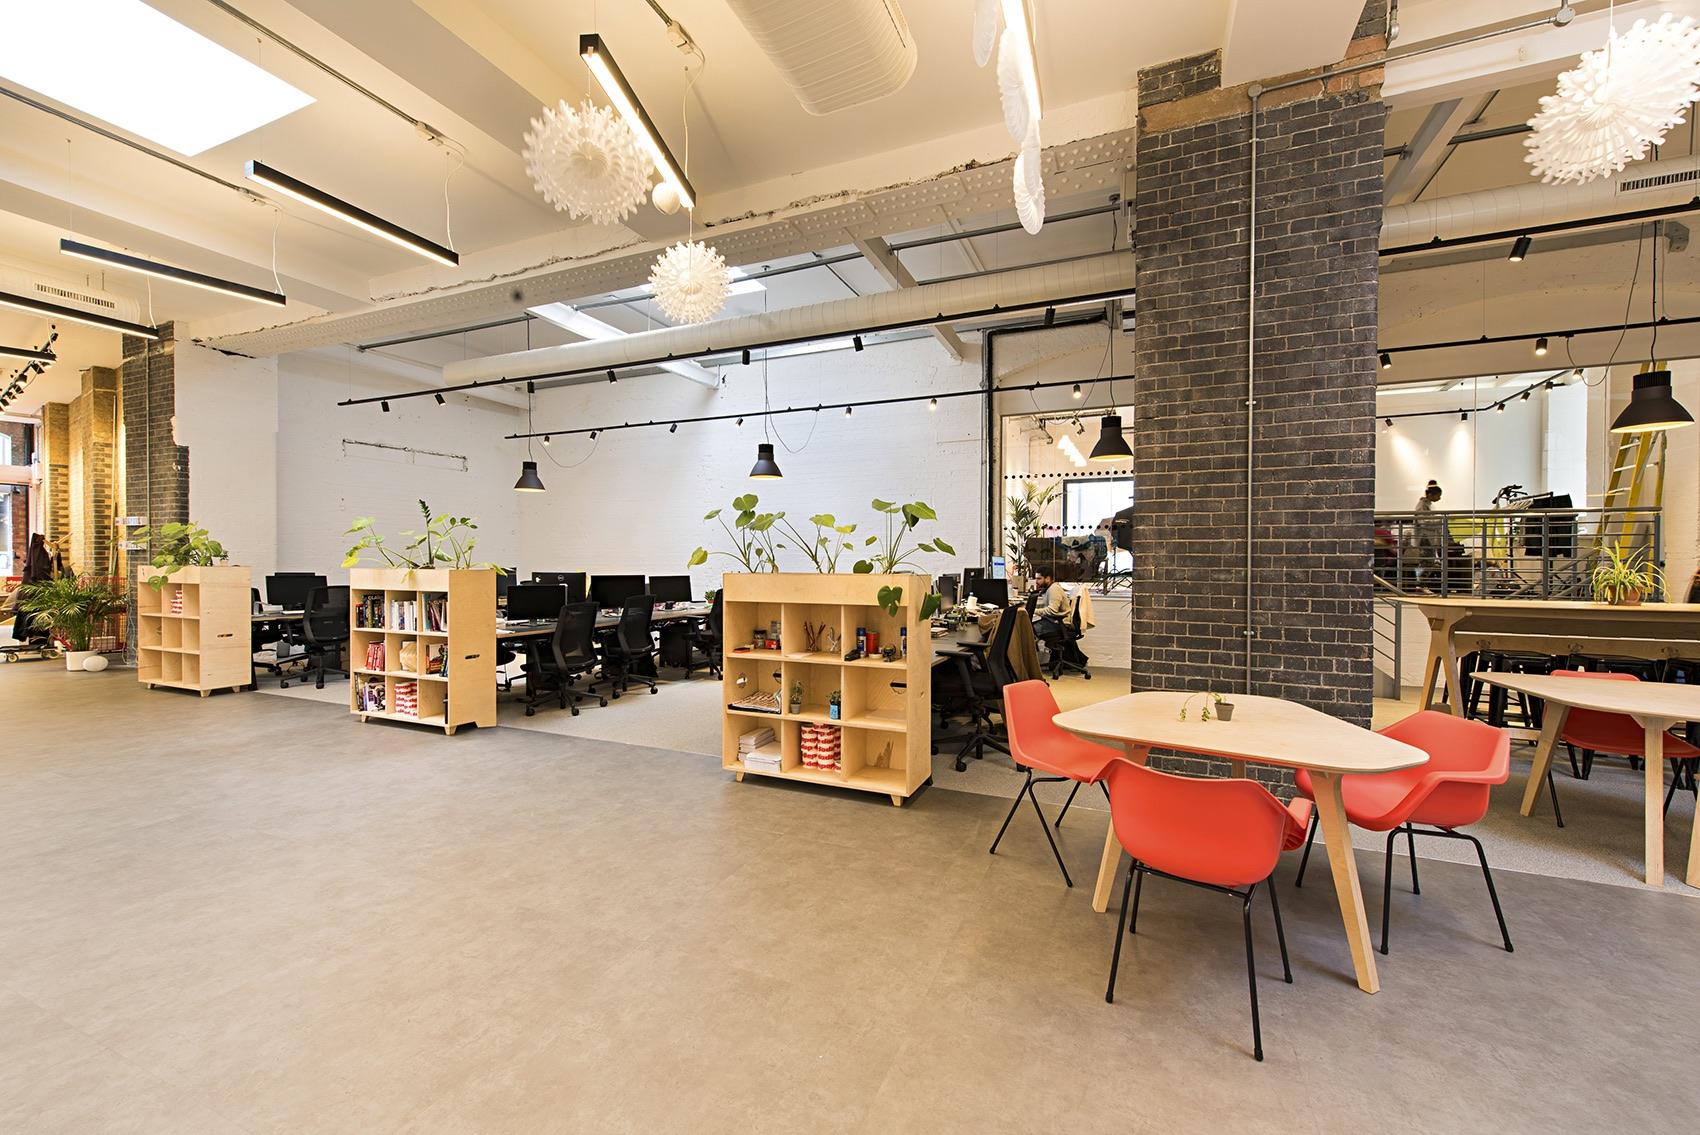 depop-london-office-5